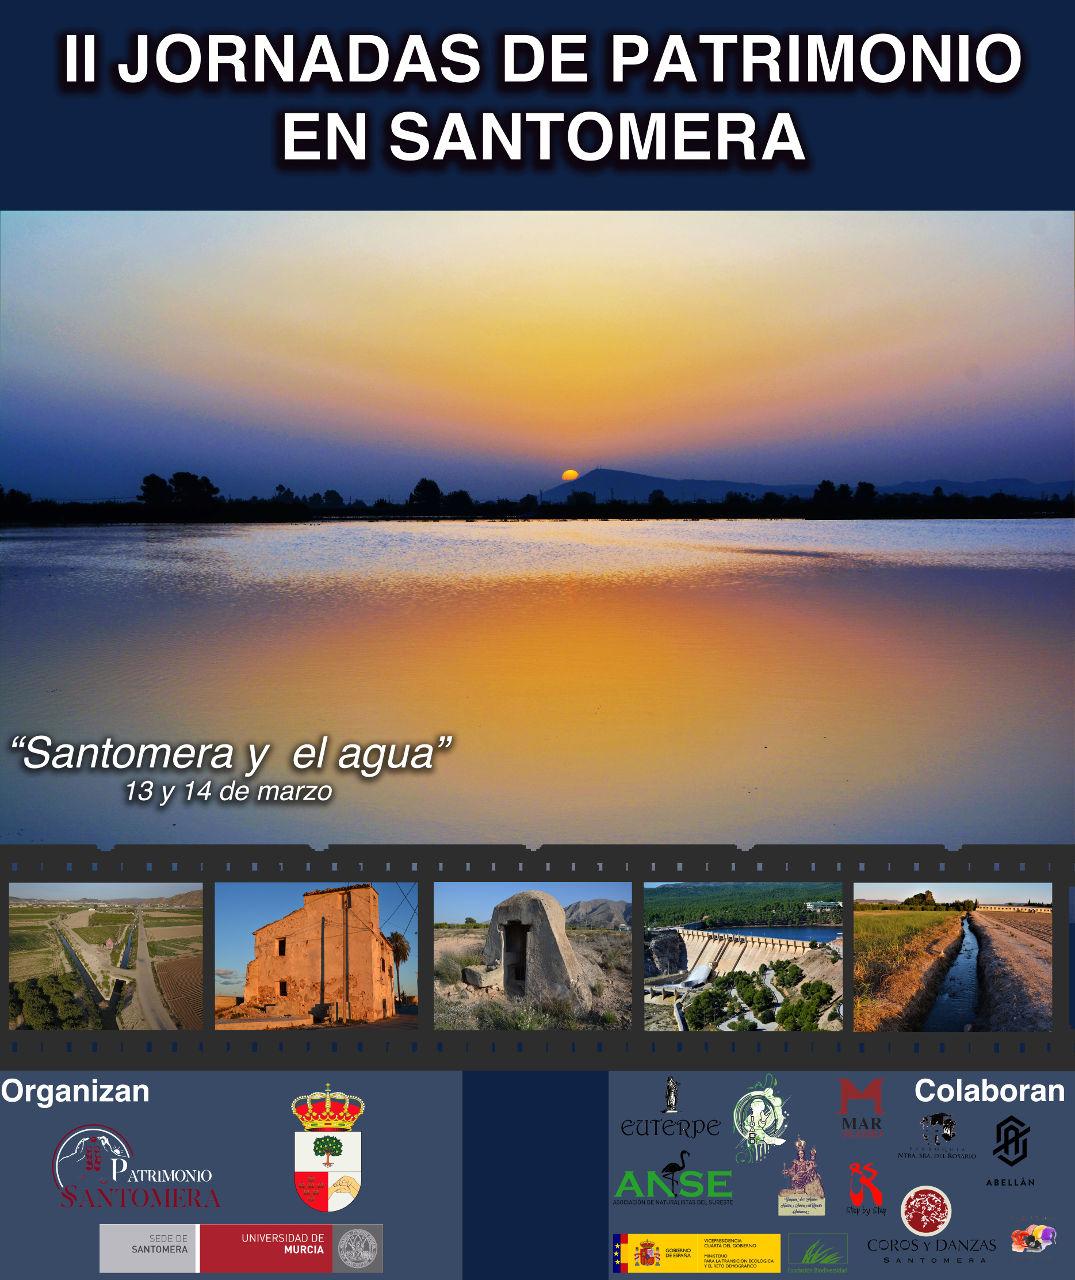 20200314_II Jornadas de Patrimonio de Santomera